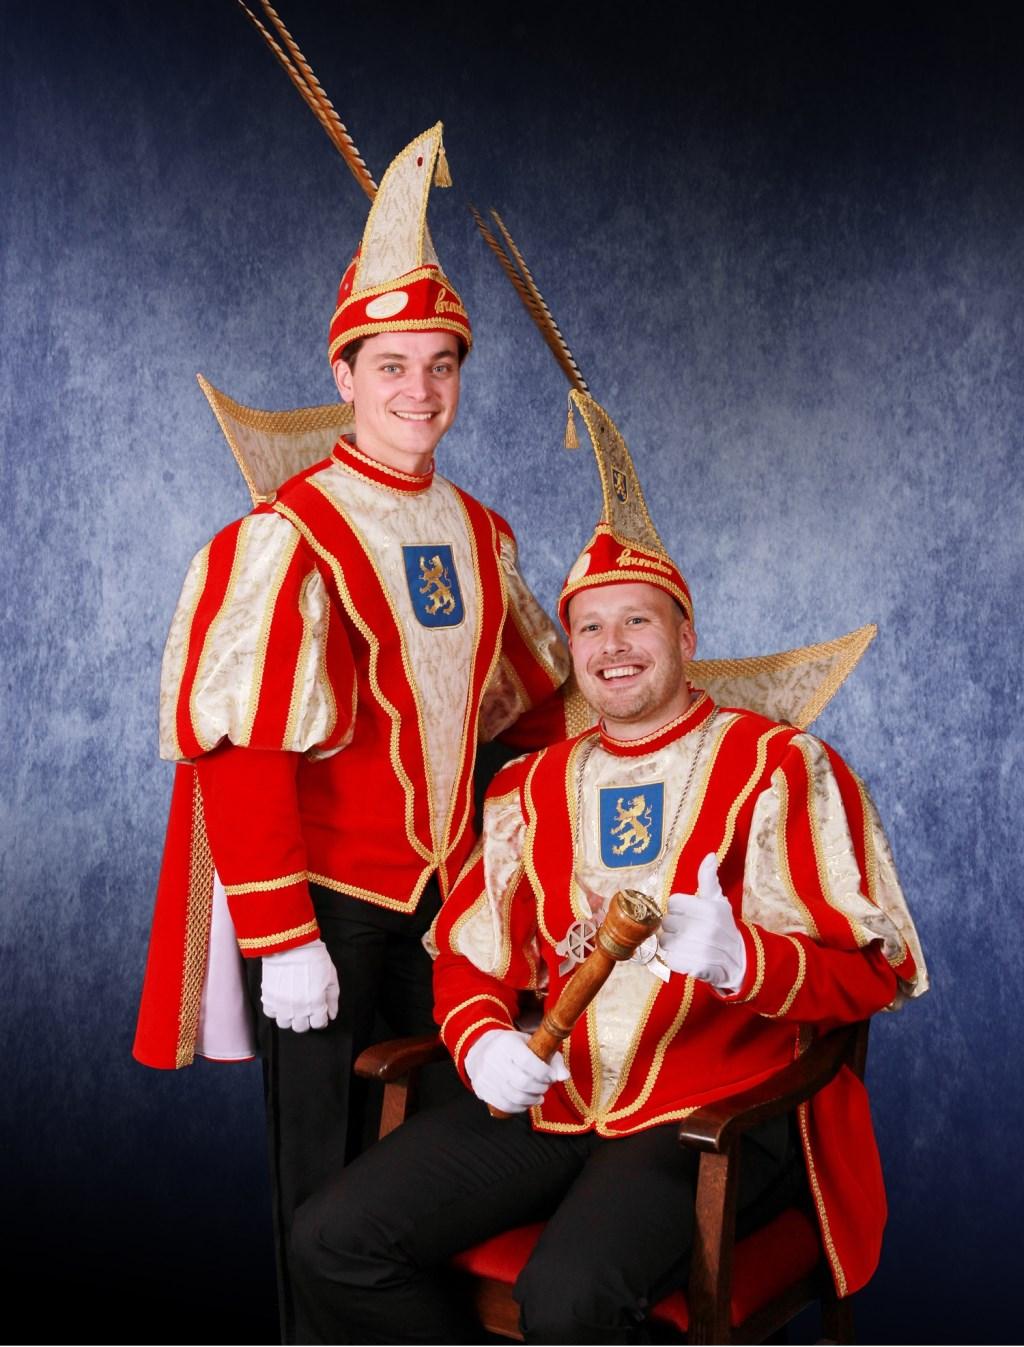 Zittend prins Ivo I en staand adjudant Mark van CV De Knunnekes tijdens de carnavalscampagne 2018-2019. Foto: PR CV De Knunnekes  © Achterhoek Nieuws b.v.